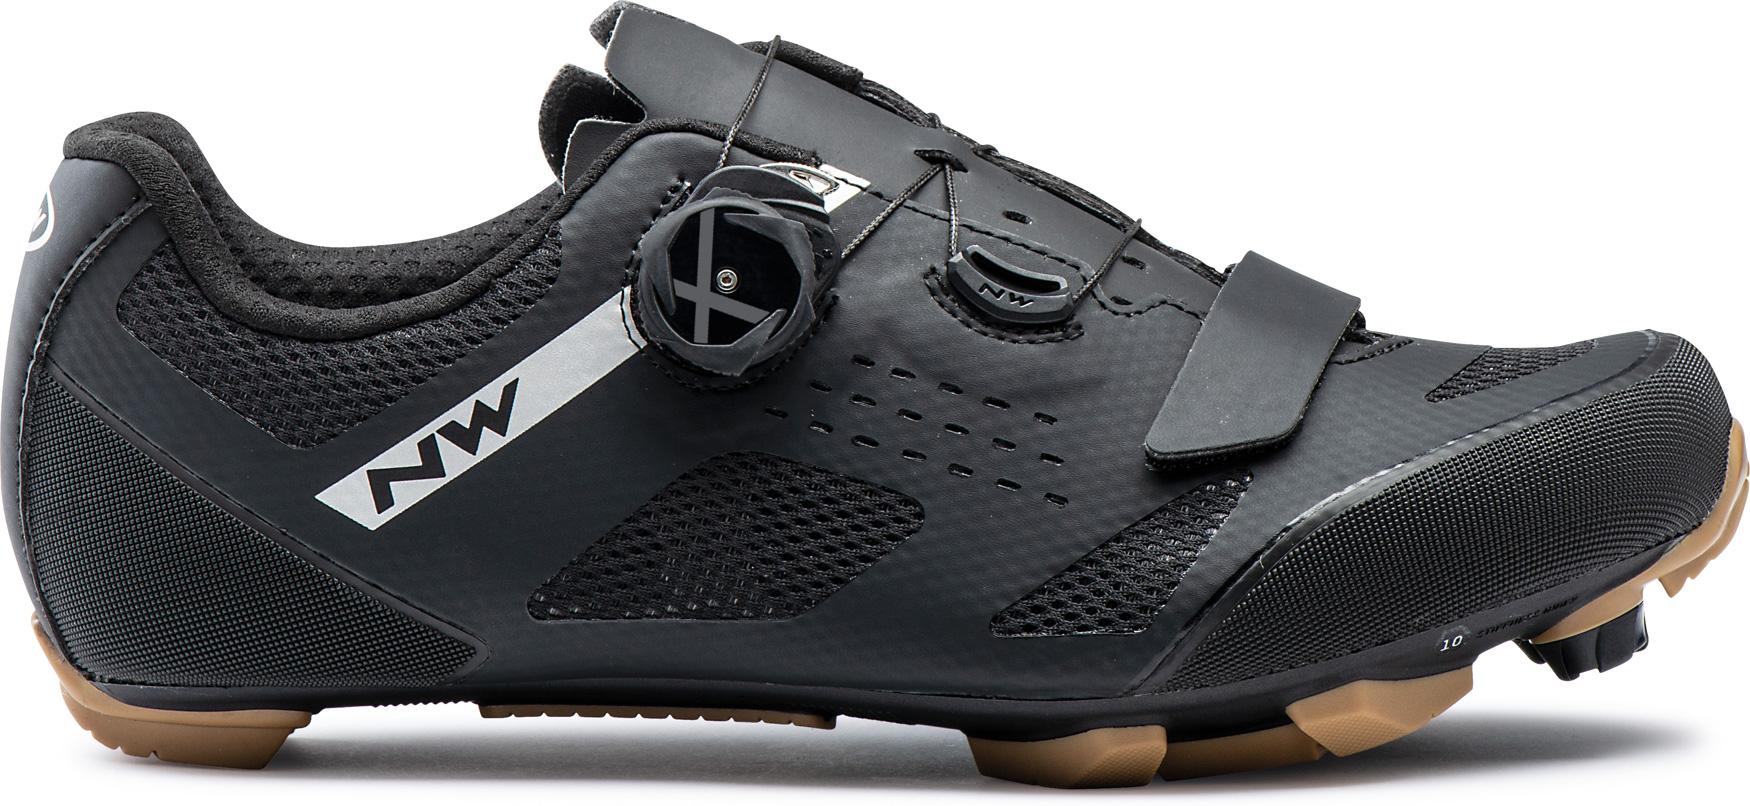 Northwave Razer MTB Schuhe - black/honey 18